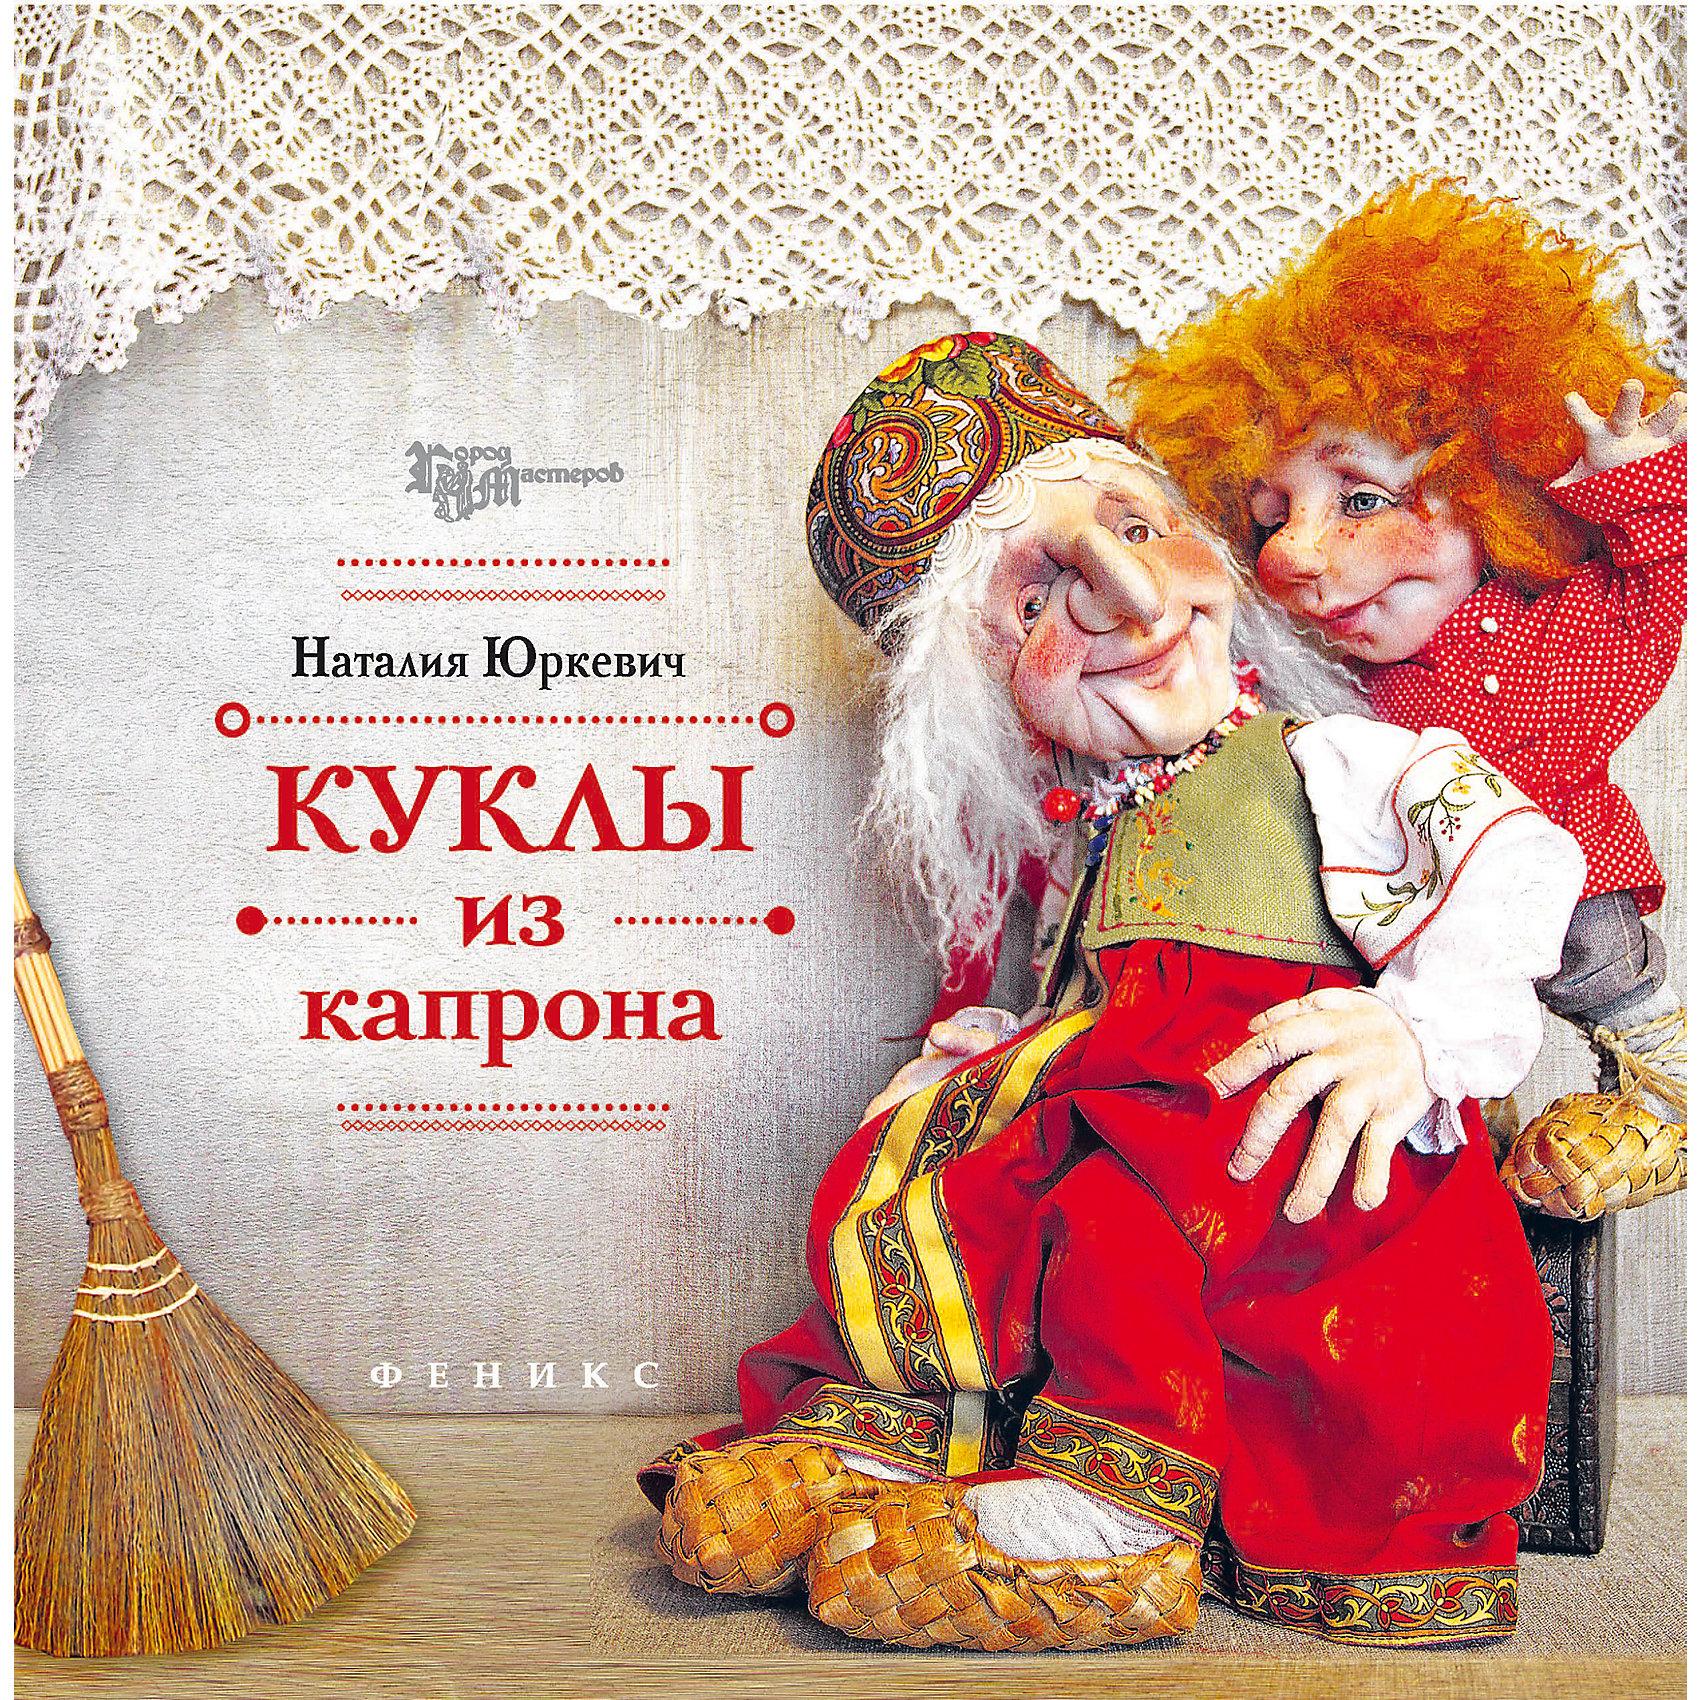 Книга Куклы из капронаРазвивающие книги<br>Изготовление кукол — одно из самых увлекательных занятий. В этой книге вы познакомитесь с техникой «скульптурный текстиль» и на примере героев любимой сказки научитесь разным приемам шитья.<br>Вы совершите путешествие в многогранный мир текстильной куклы.<br>Эта книга для всех тех, кто любит шить кукол или очень хочет этому научиться.<br>В мастер-классе использованы цитаты из книги Т. Александровой «Домовенок Кузька».<br><br>Ширина мм: 30<br>Глубина мм: 205<br>Высота мм: 205<br>Вес г: 152<br>Возраст от месяцев: 72<br>Возраст до месяцев: 2147483647<br>Пол: Унисекс<br>Возраст: Детский<br>SKU: 5501024